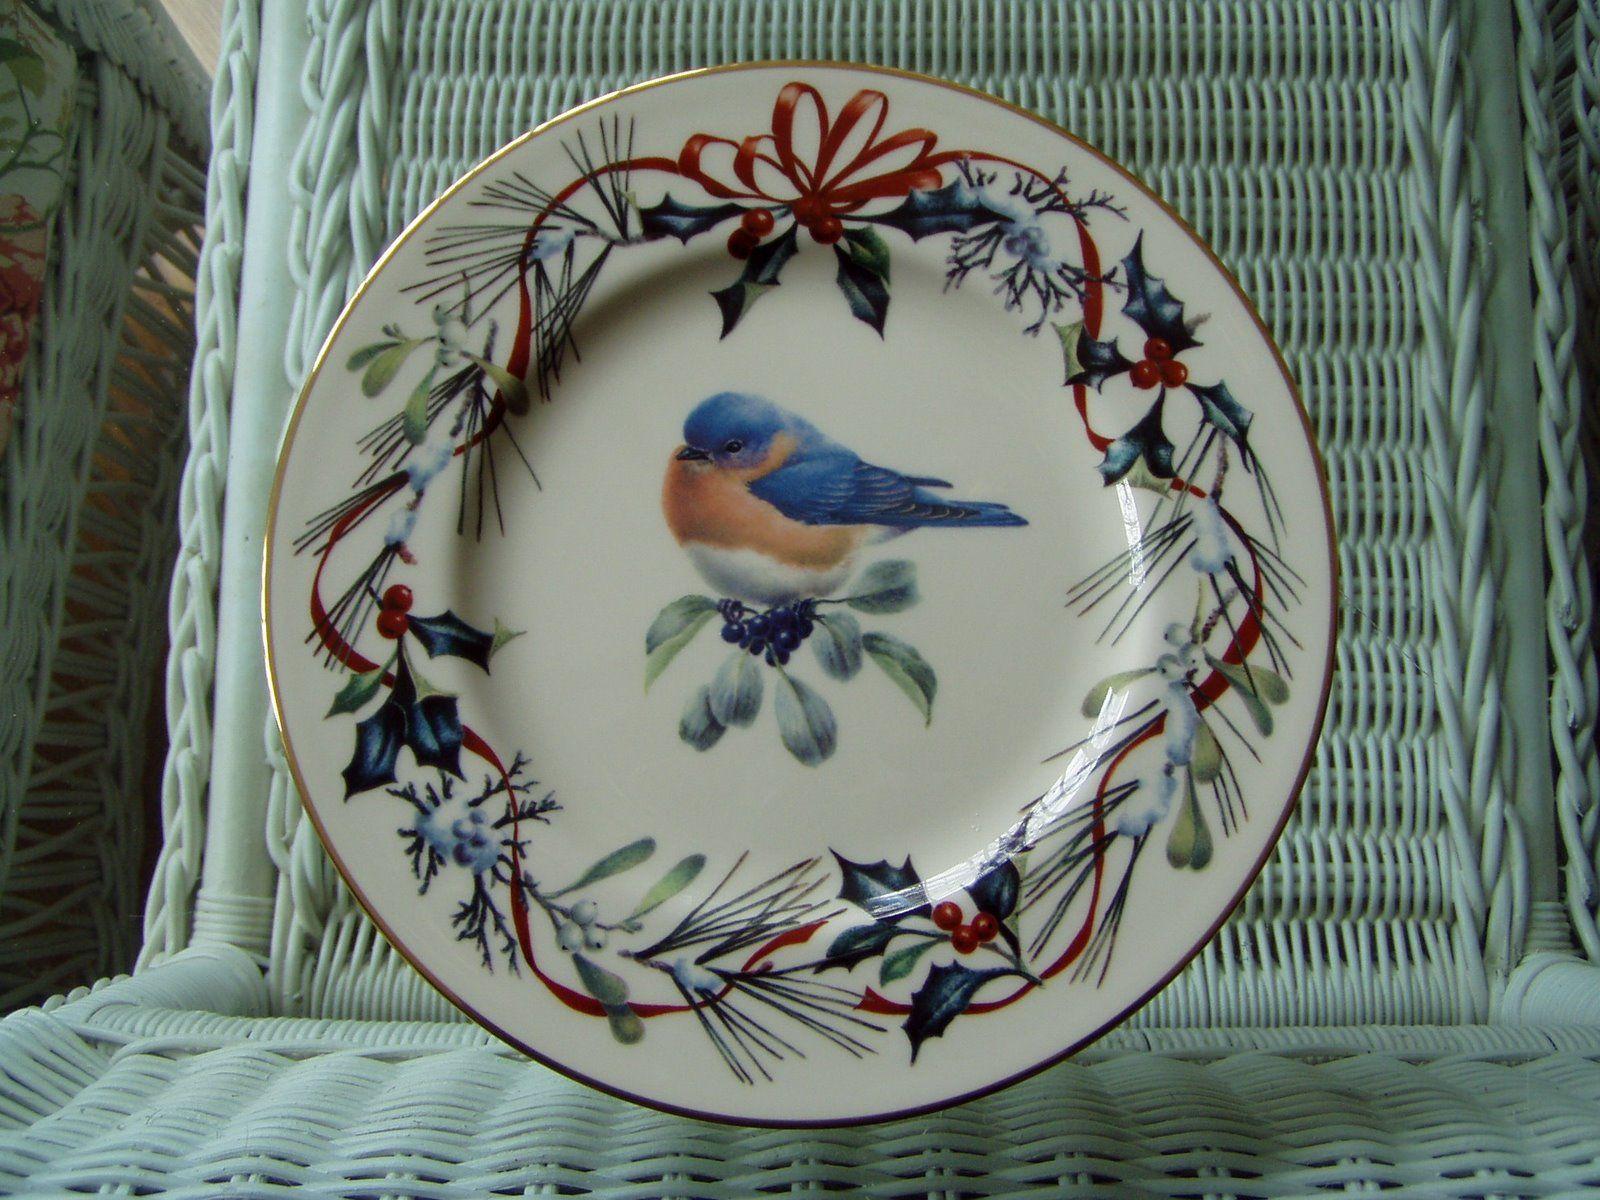 Winter greetings by lenox tablewares winter greetings by lenox kristyandbryce Choice Image